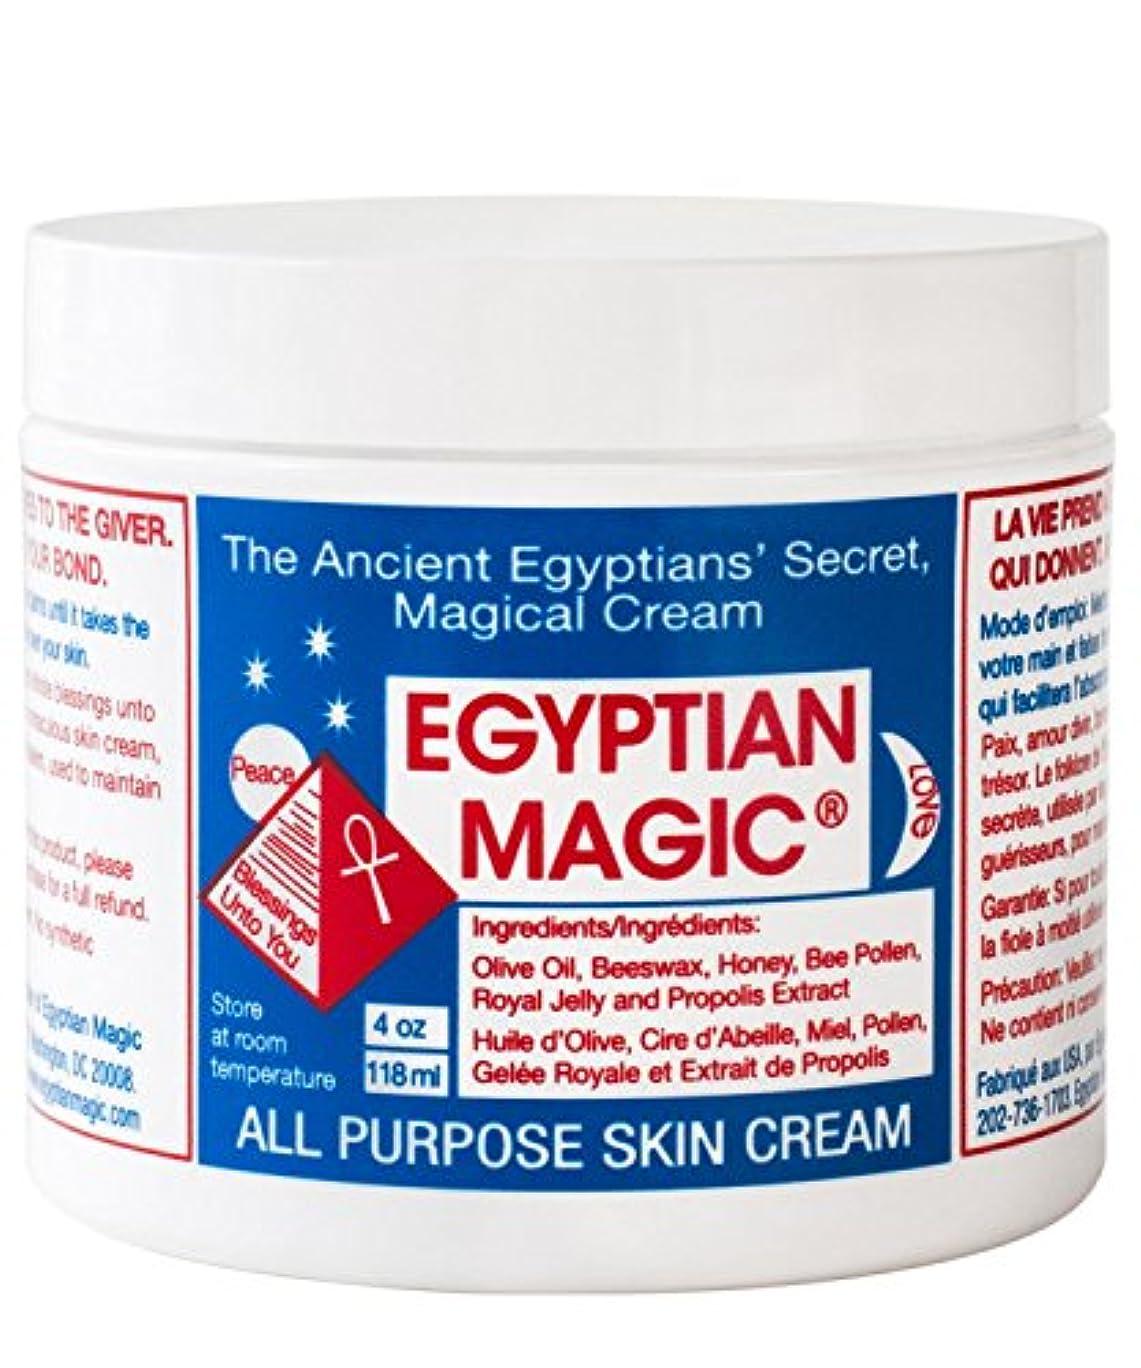 ジャンピングジャック地域アピールエジプトの魔法の万能スキンクリーム118ミリリットル x4 - Egyptian Magic All Purpose Skin Cream 118ml (Pack of 4) [並行輸入品]